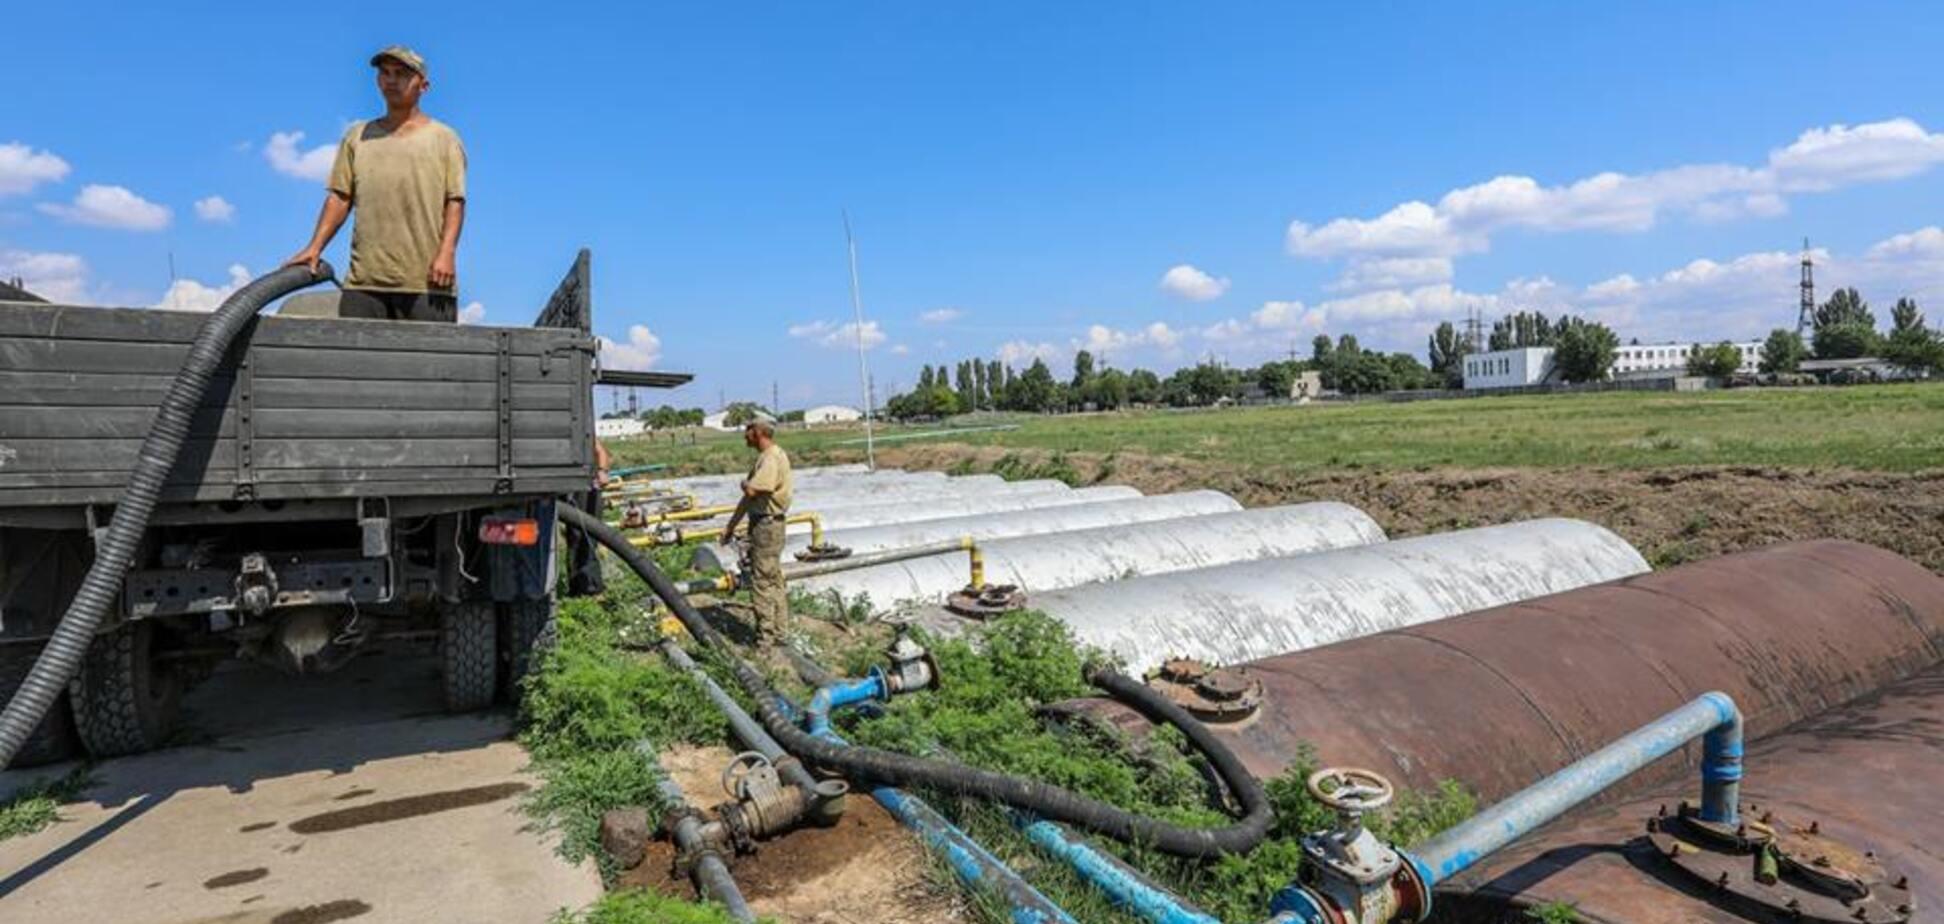 'Прапорщик потерялся': в Одессе 'исчезли' сотни тонн топлива для ВСУ